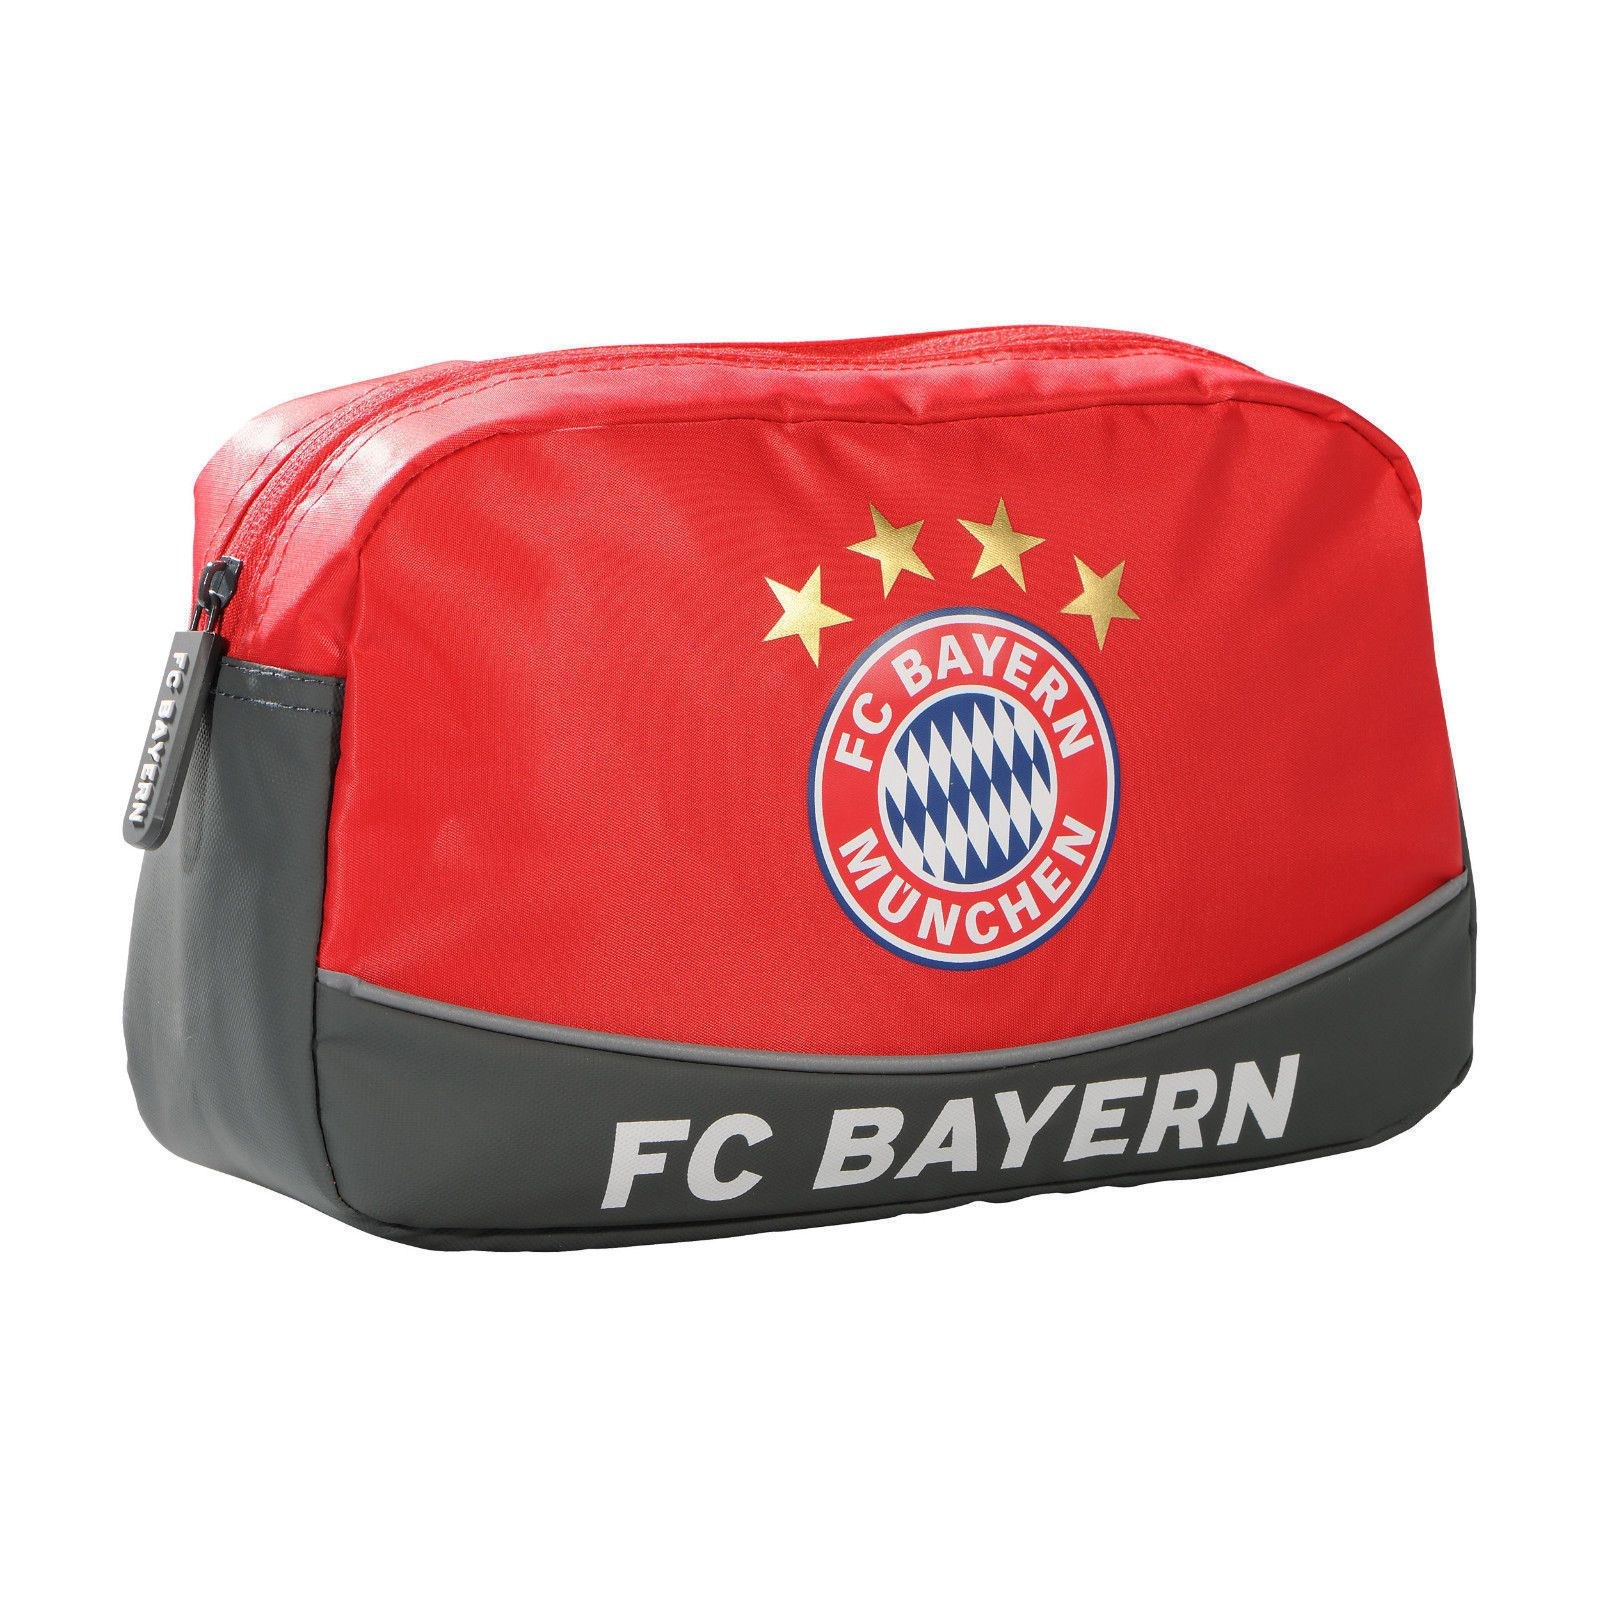 Kulturbeutel FC Bayern Saison 2017/18 grau/rot